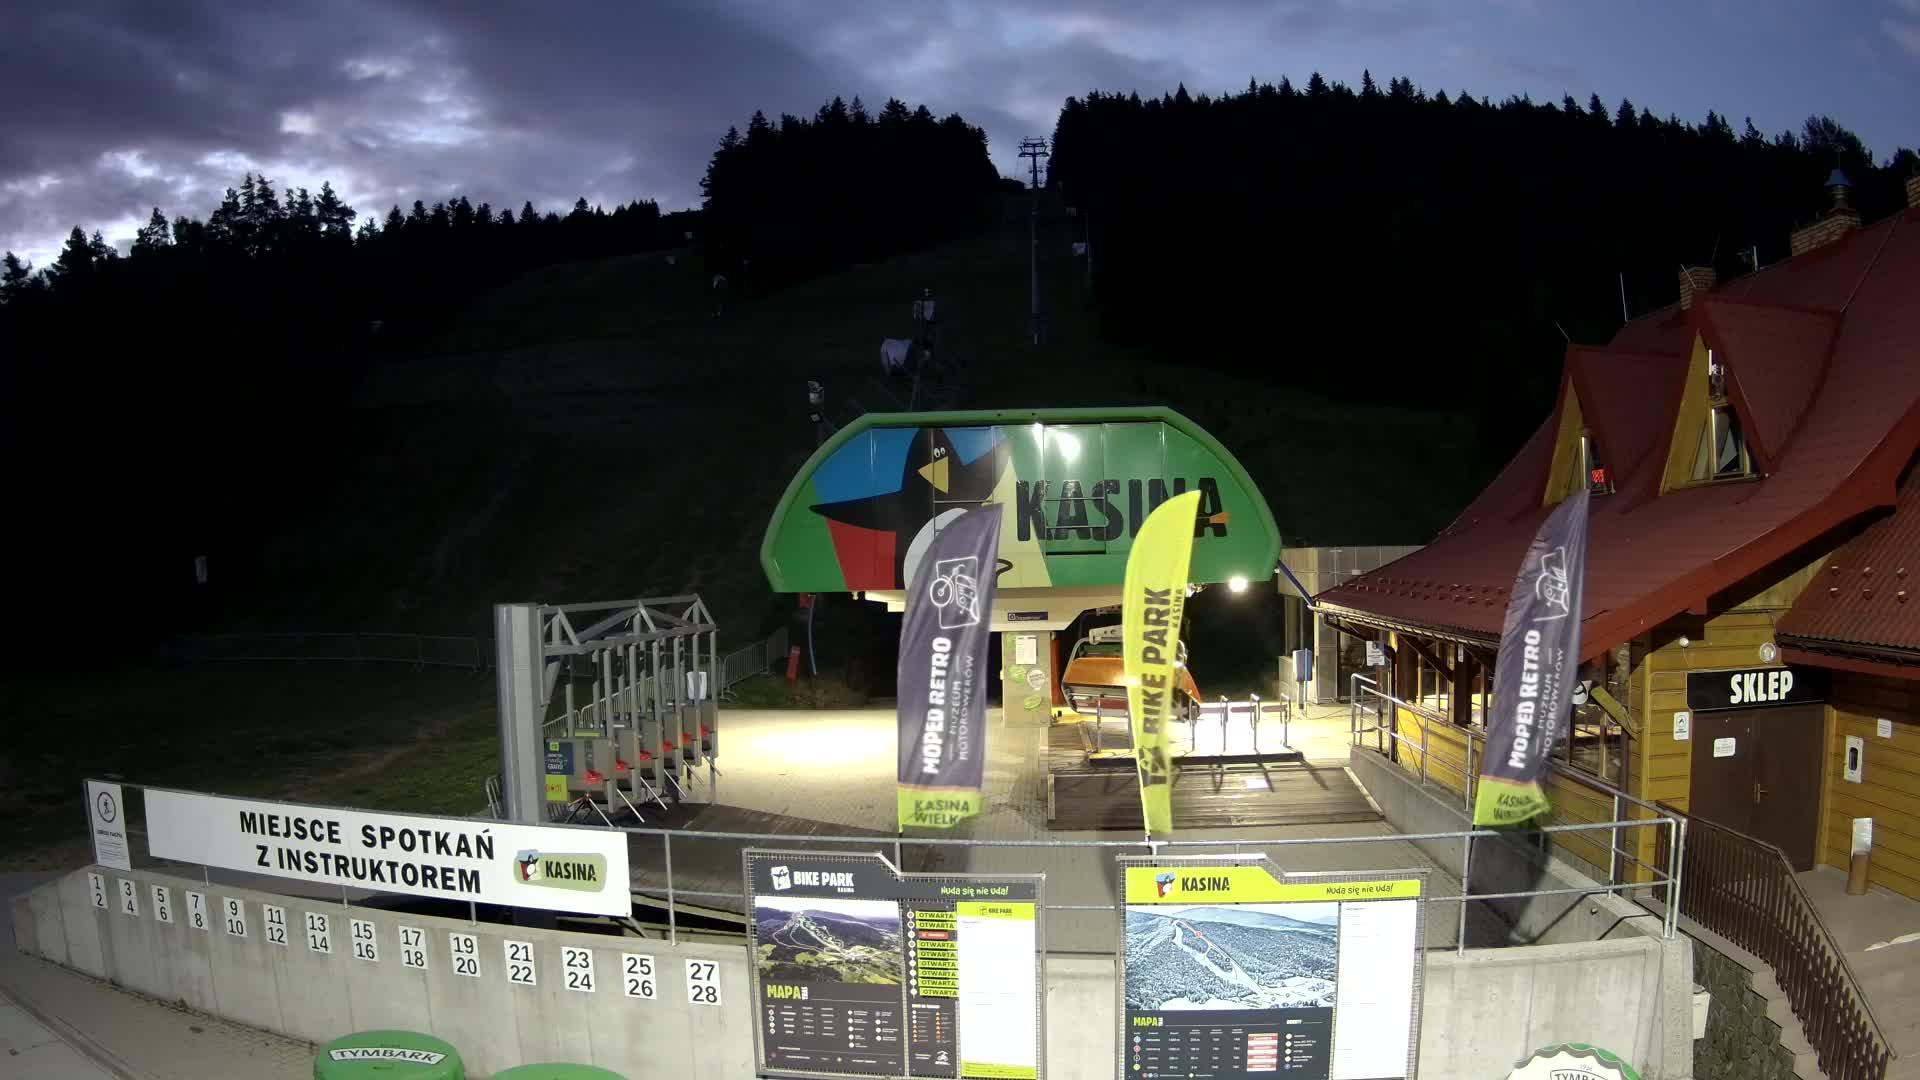 Kasina Wielka Kasina SKI Dolna stacja